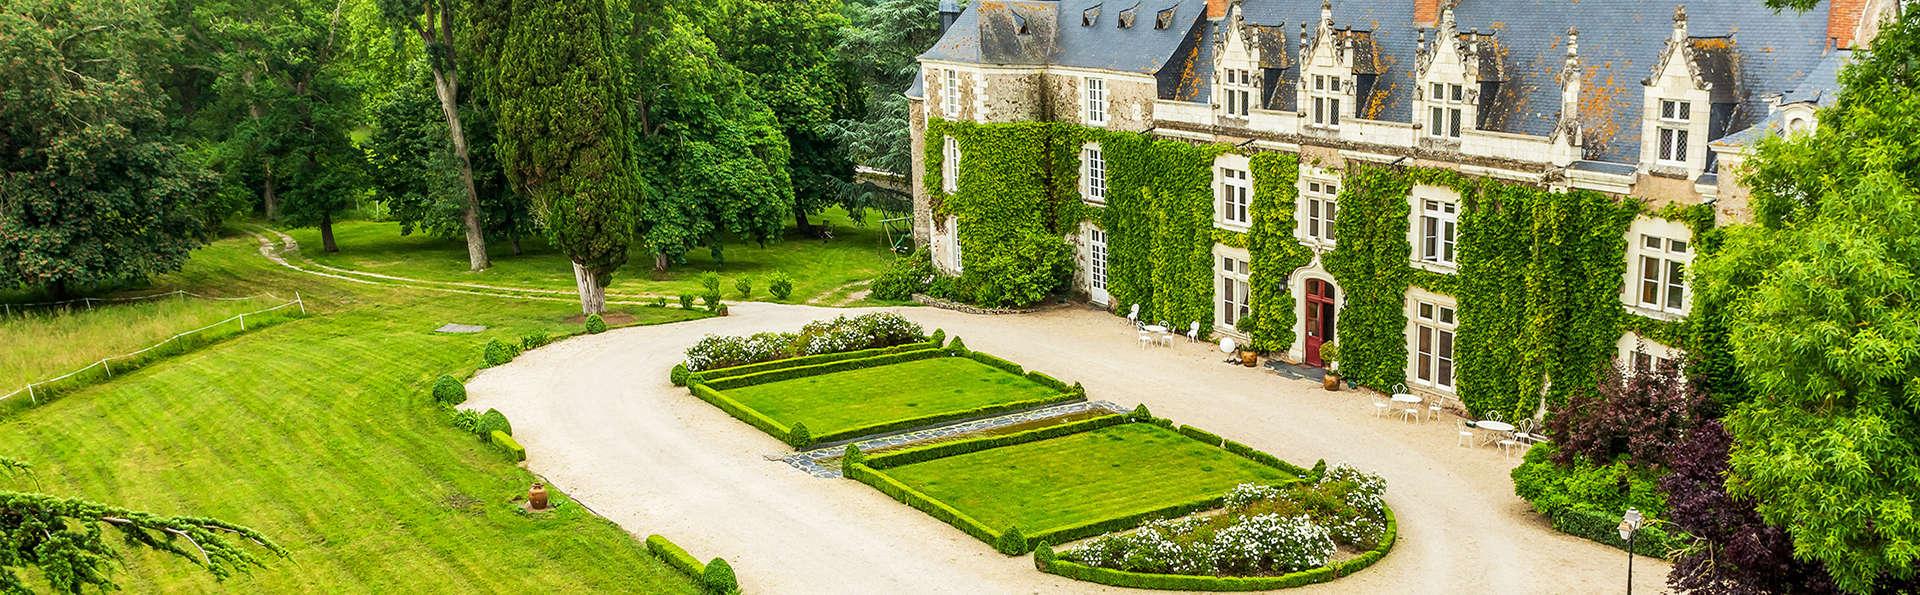 Château de l'Epinay - Edit_Front2.jpg